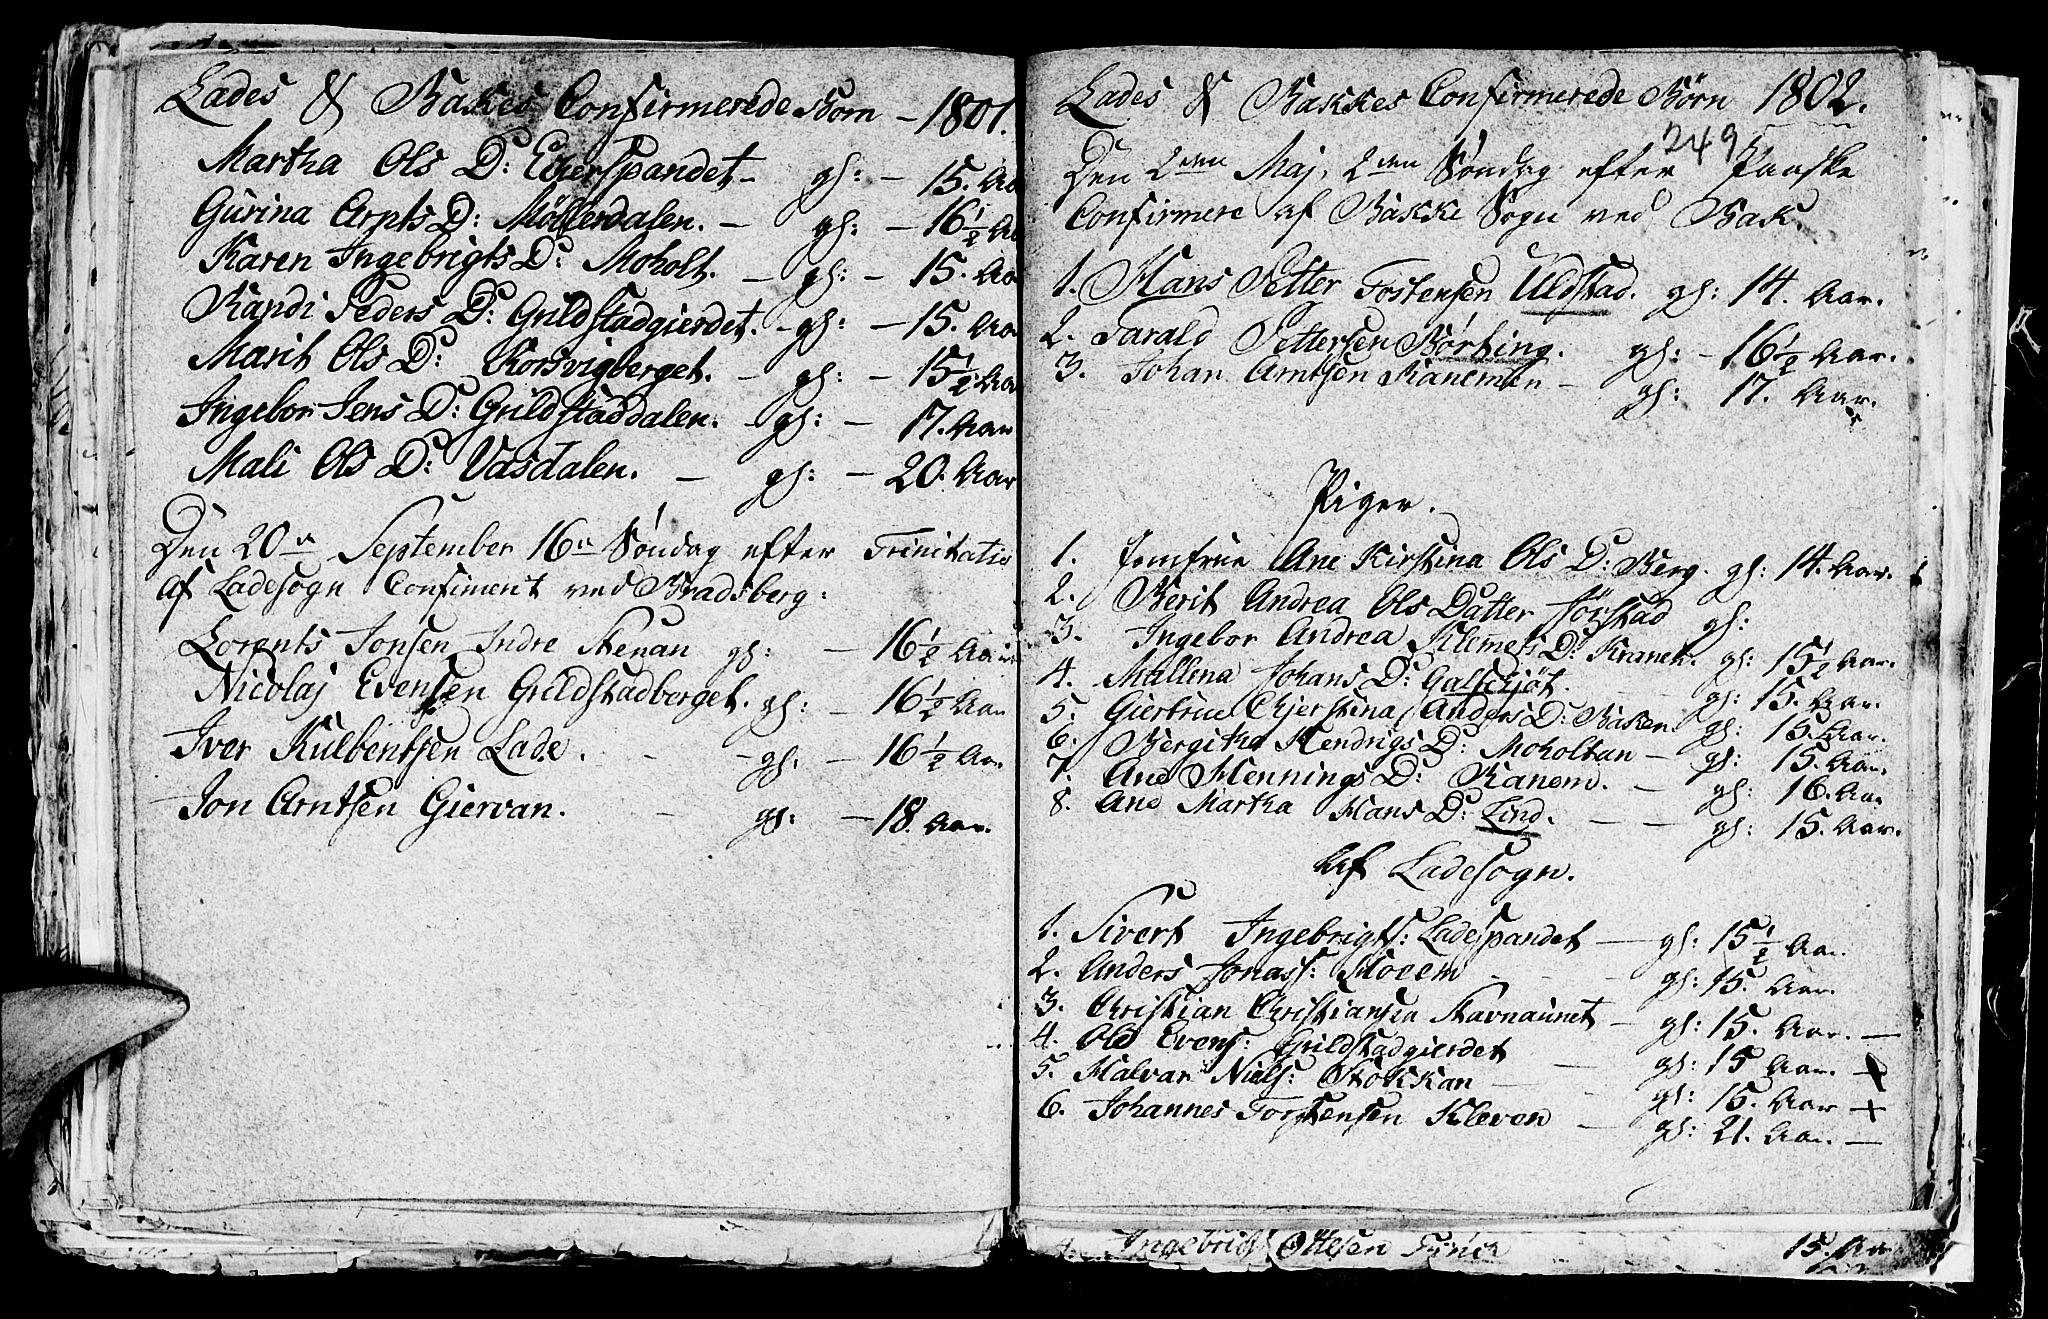 SAT, Ministerialprotokoller, klokkerbøker og fødselsregistre - Sør-Trøndelag, 604/L0218: Klokkerbok nr. 604C01, 1754-1819, s. 249